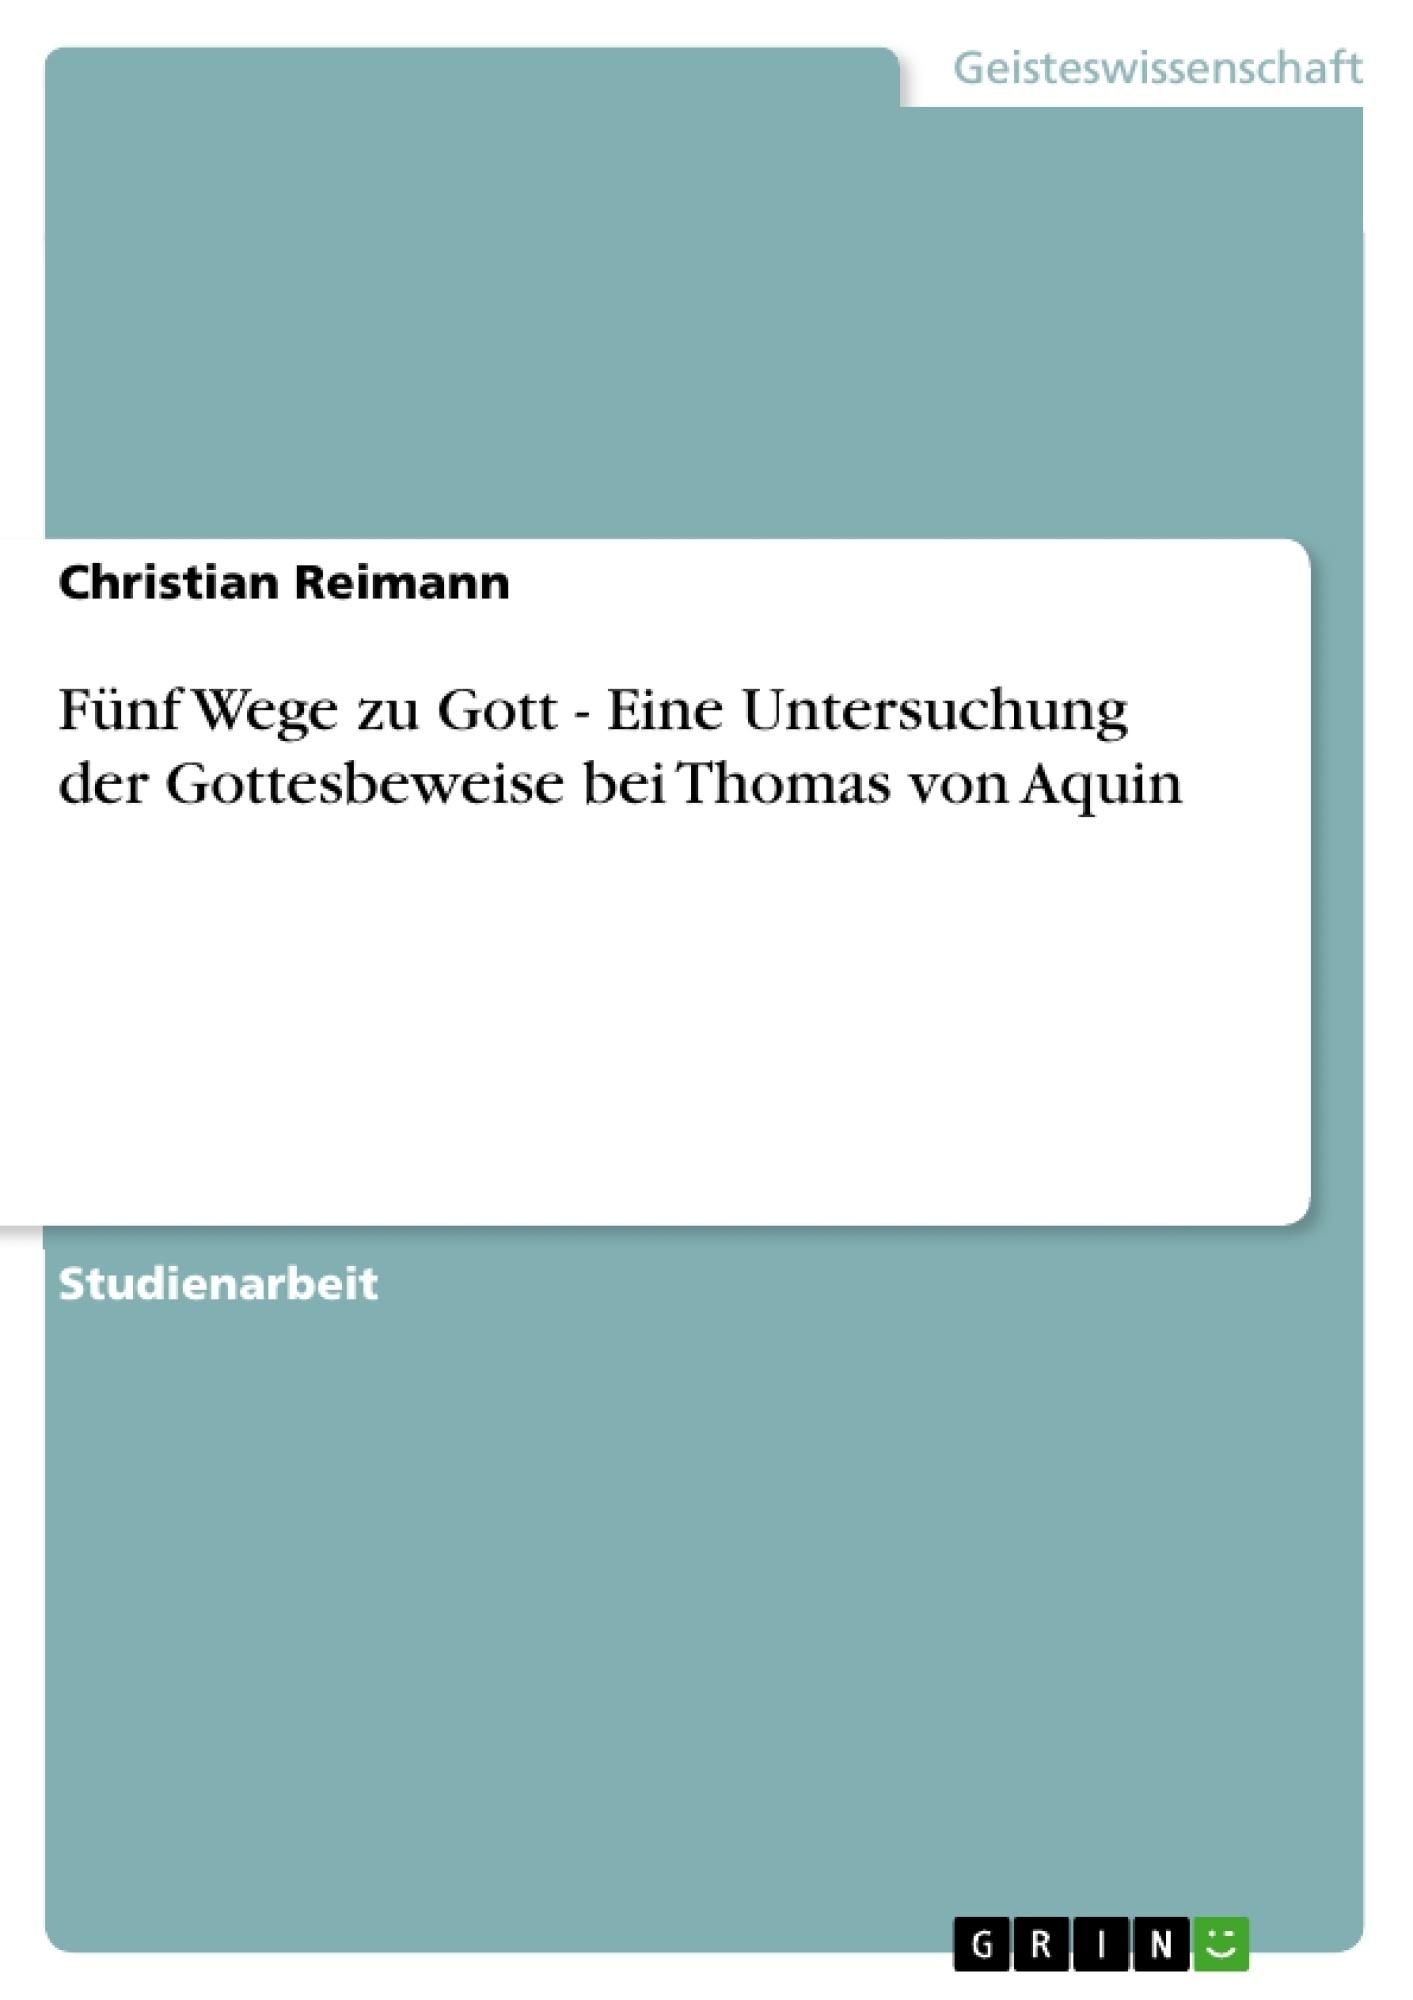 Titel: Fünf Wege zu Gott - Eine Untersuchung der Gottesbeweise bei Thomas von Aquin